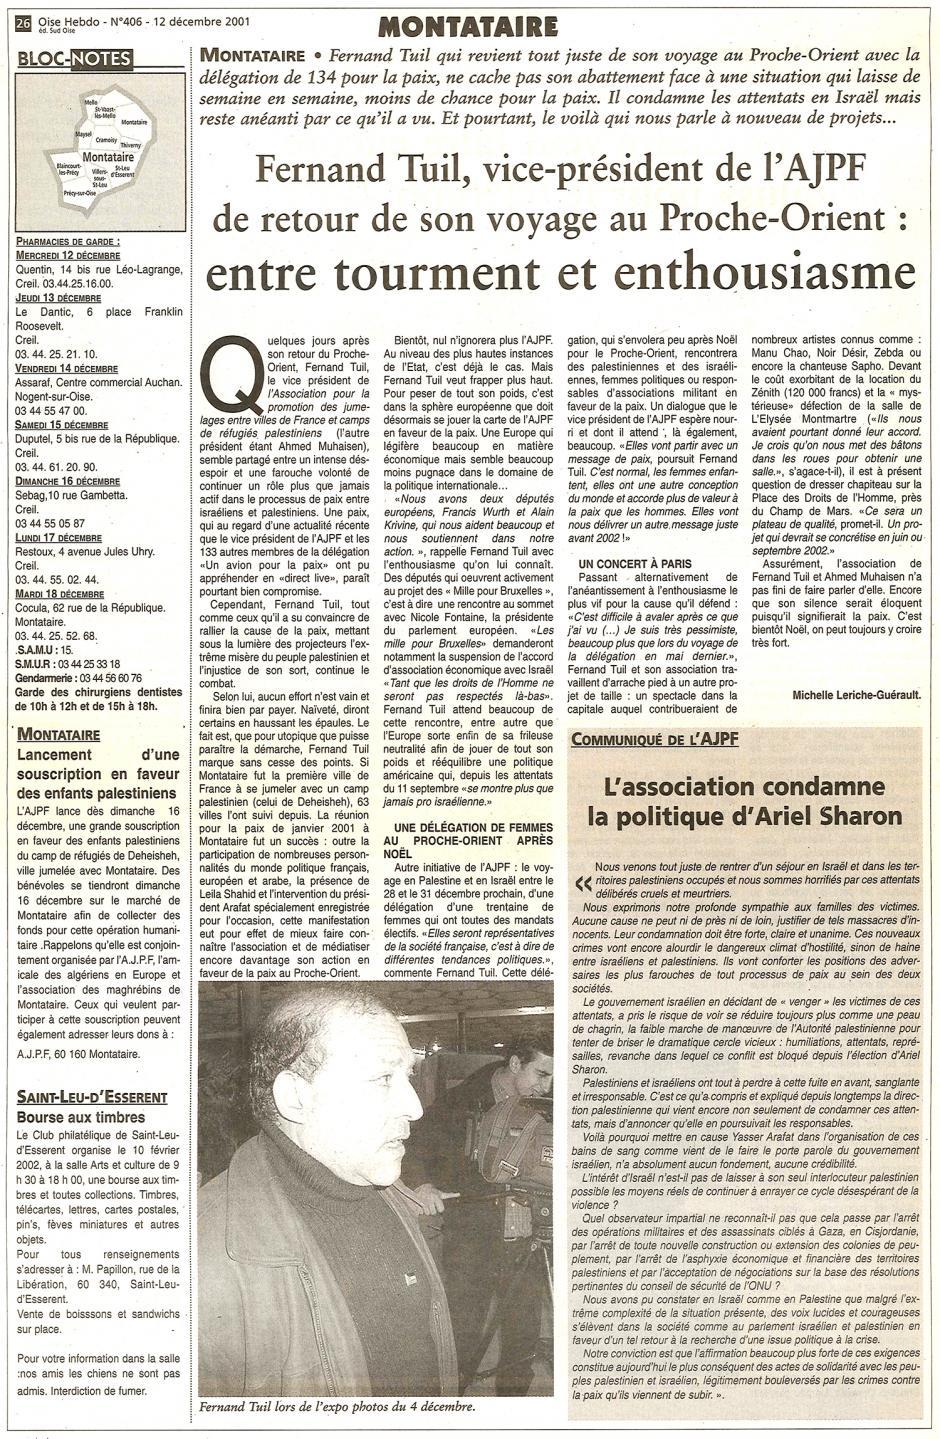 20011212-OH-Montataire-Fernand Tuil de retour de son voyage au Proche-Orient : entre tourment et enthousiasme